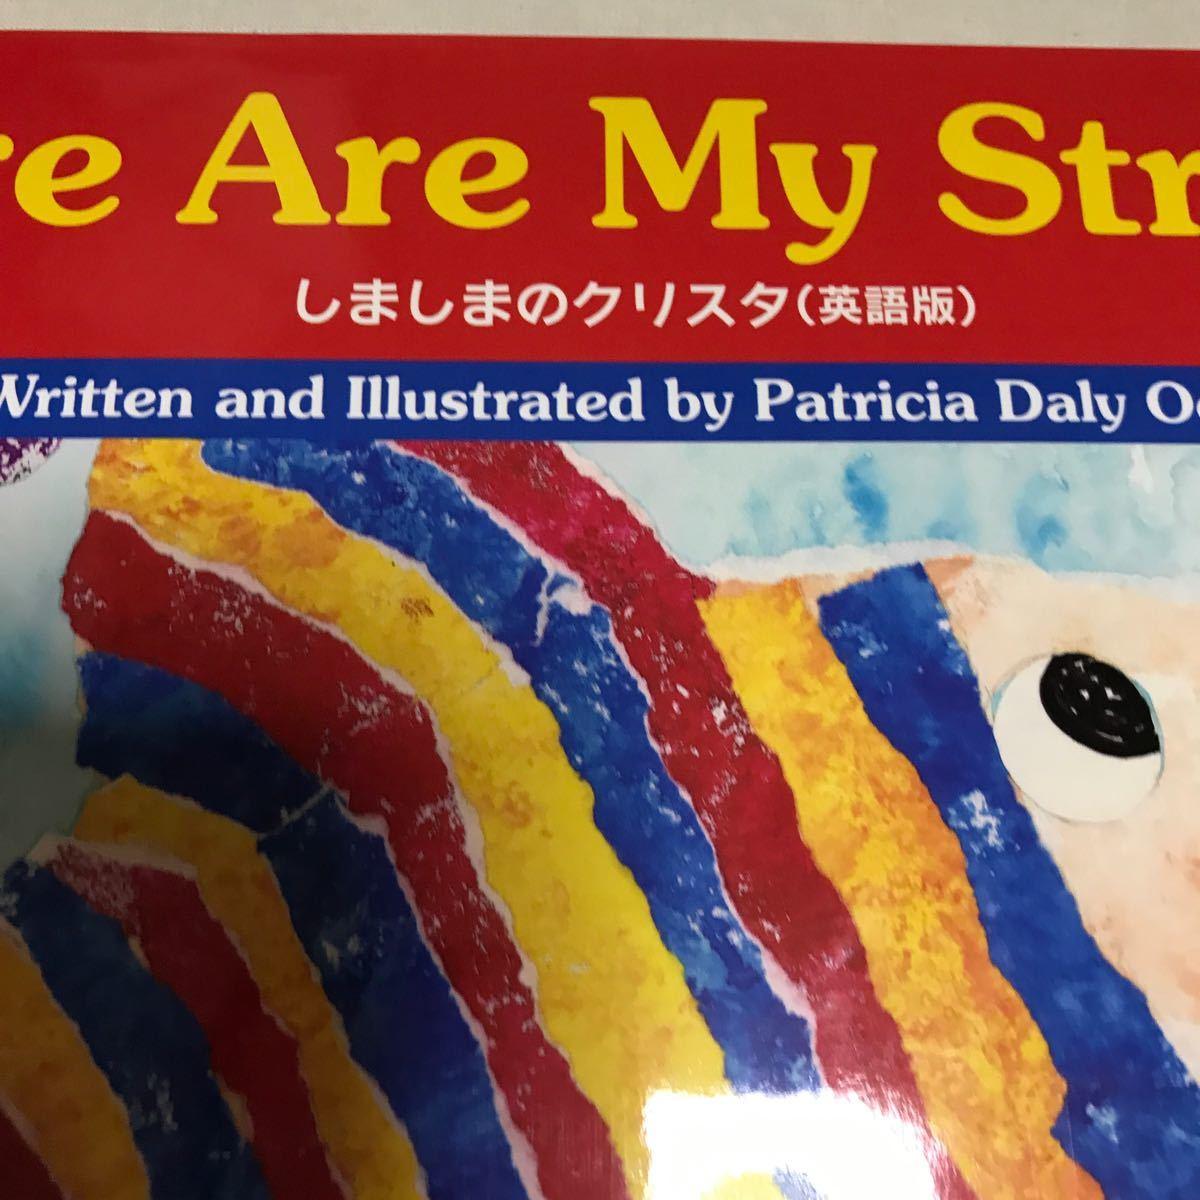 絵本 英語絵本 学校図書 家庭保育園 Where are my stripes?